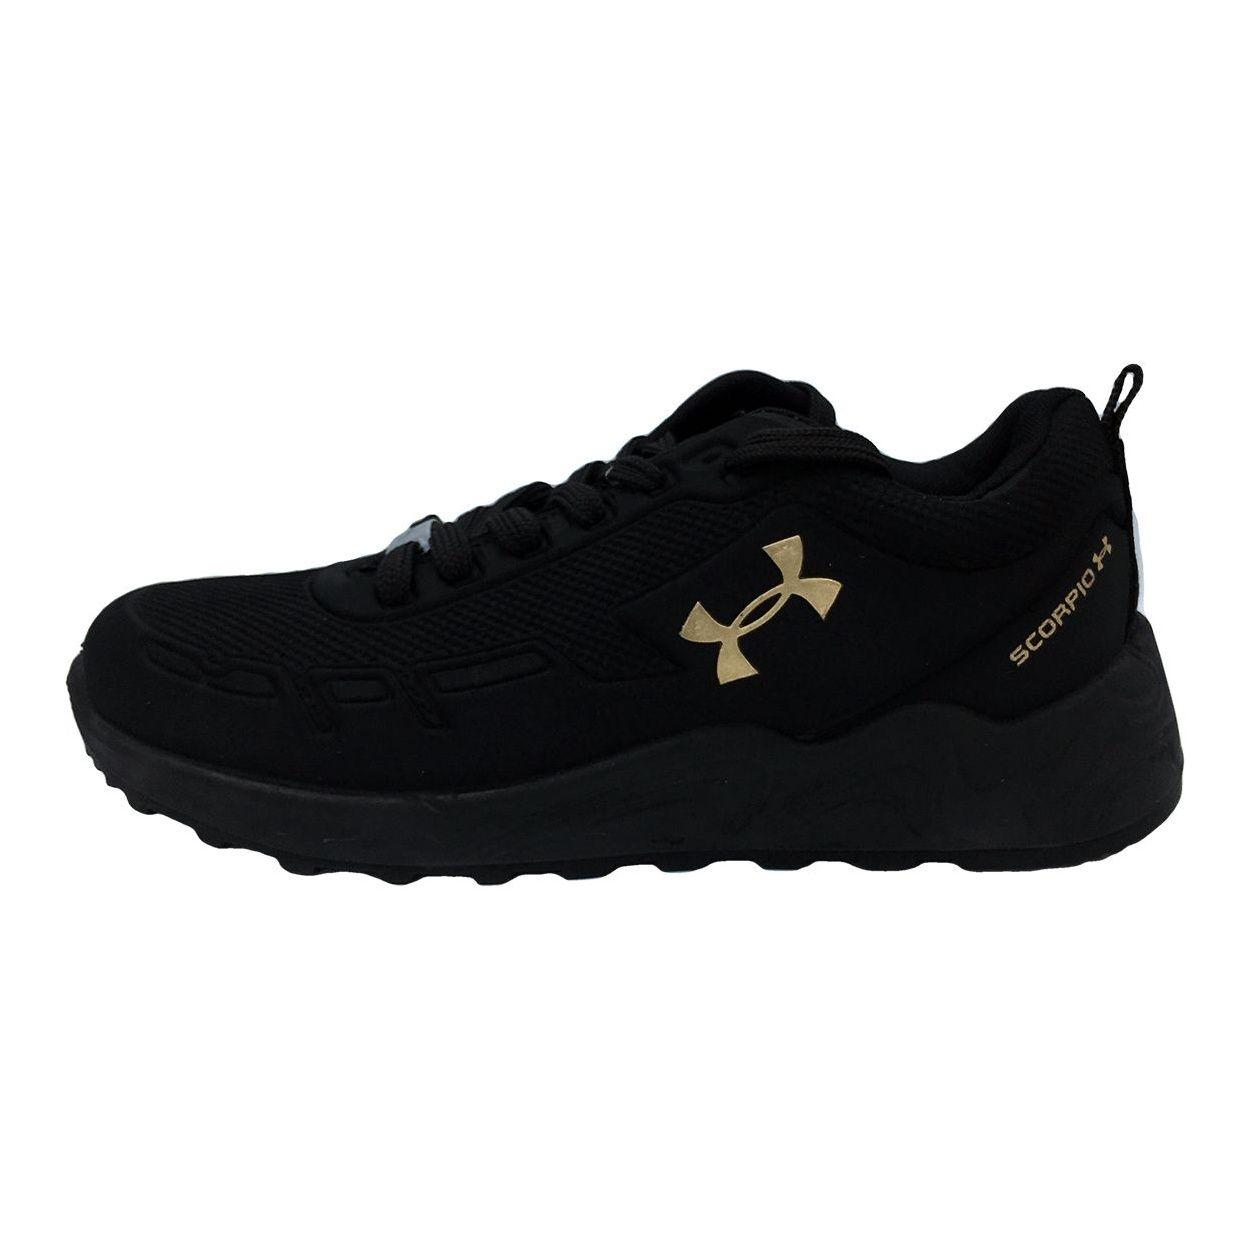 کفش مخصوص پیاده روی  زنانه مدل az-zn رنگ مشکی  main 1 1